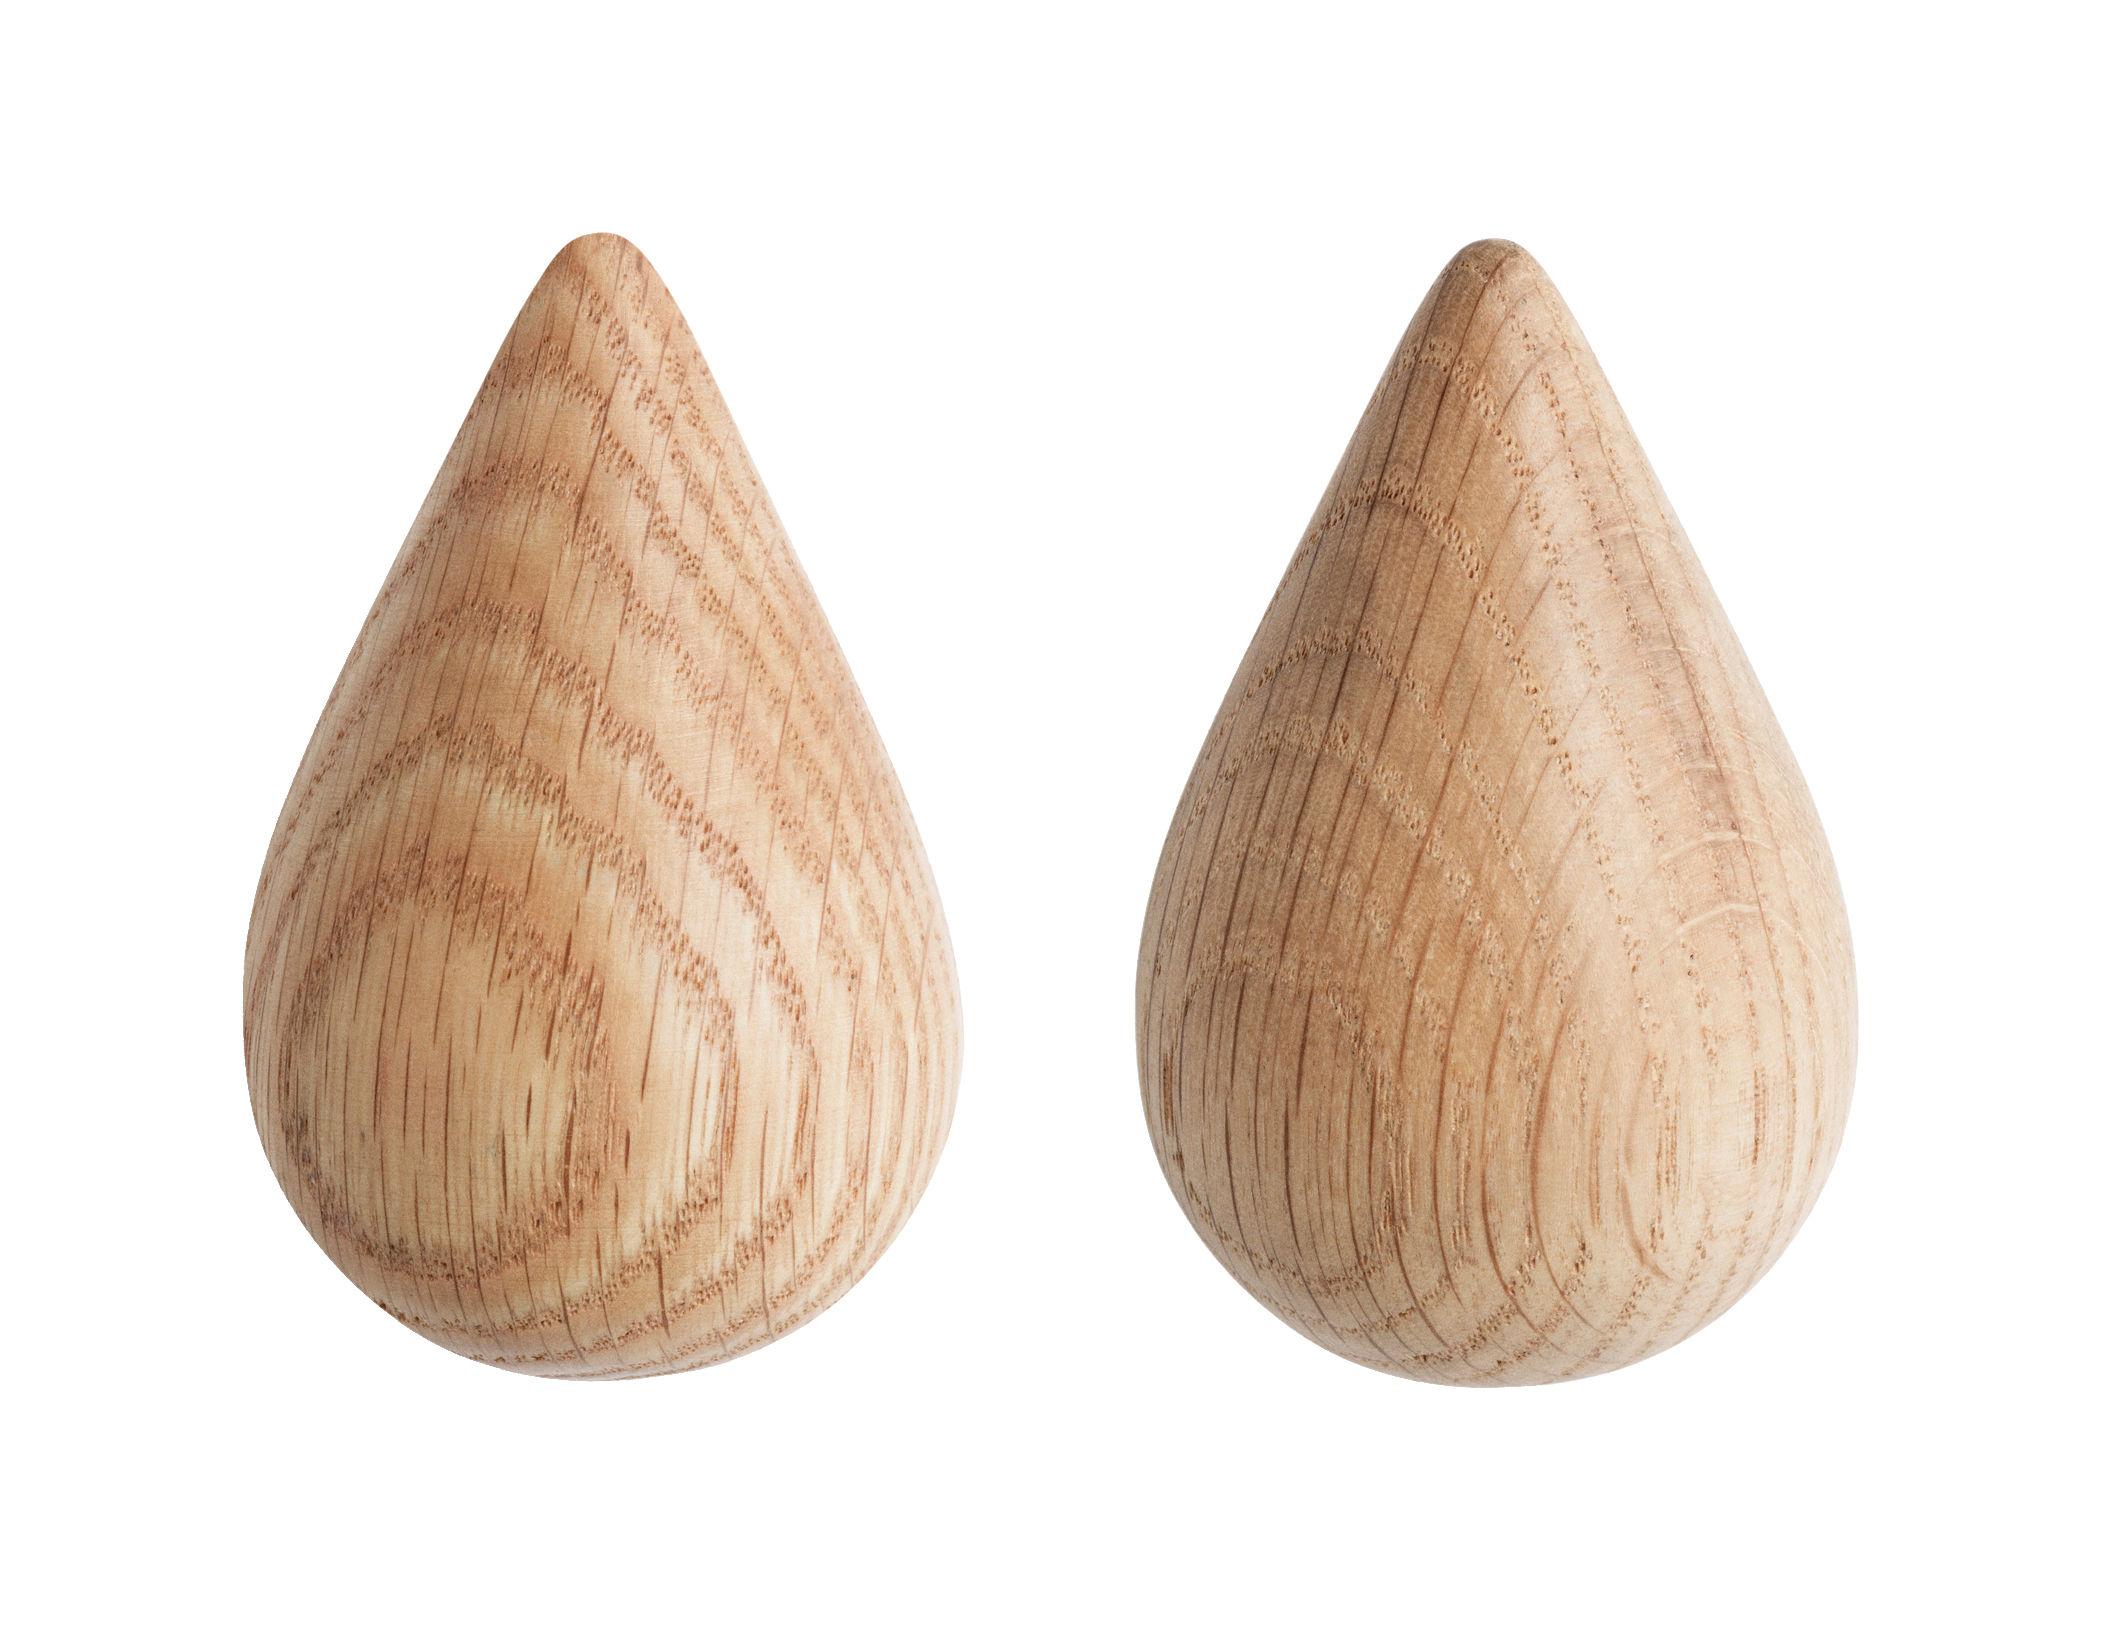 Mobilier - Portemanteaux, patères & portants - Patère Dropit Small lot de 2 - H 7,7 cm - Normann Copenhagen - Naturel - Small / H 7,7 cm - Bois